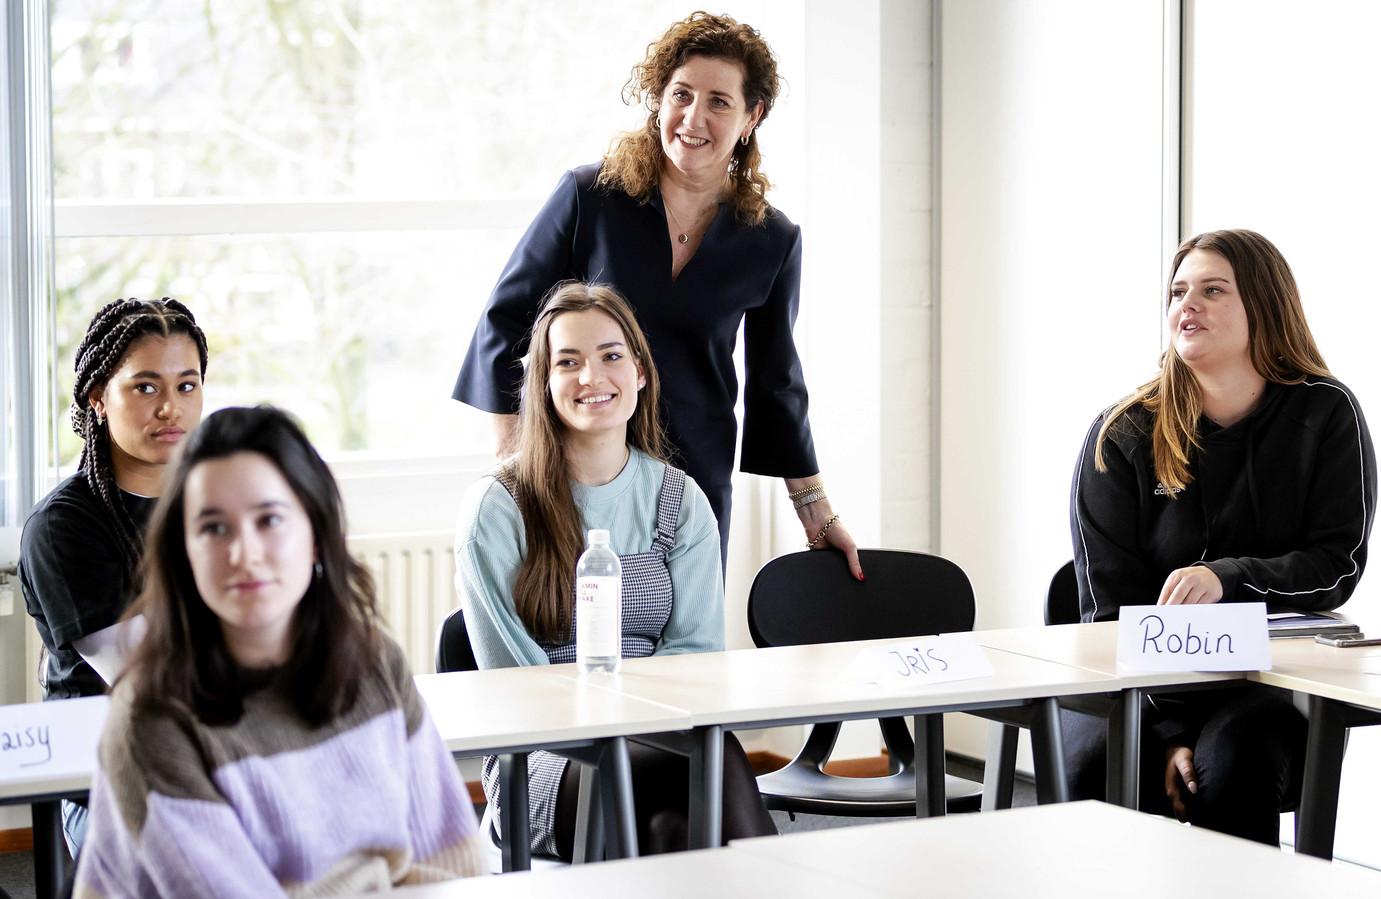 Minister Ingrid van Engelshoven van Onderwijs tijdens een werkbezoek op de Marnix Academie, een Pabo in Utrecht.